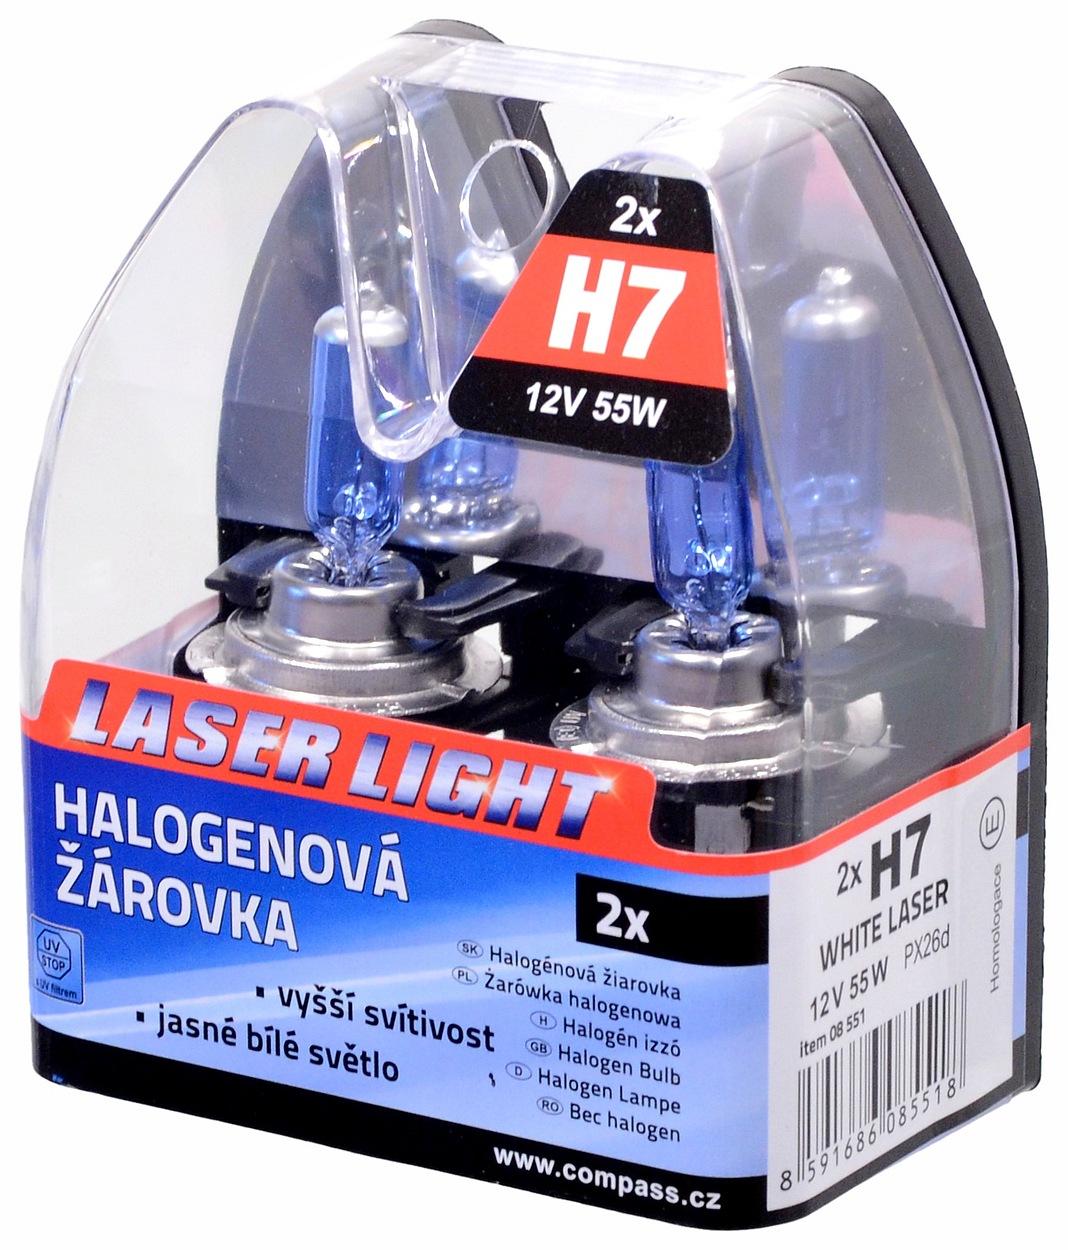 Compass Žárovka 12V H7 55W PX26d WHITE LASER 2ks